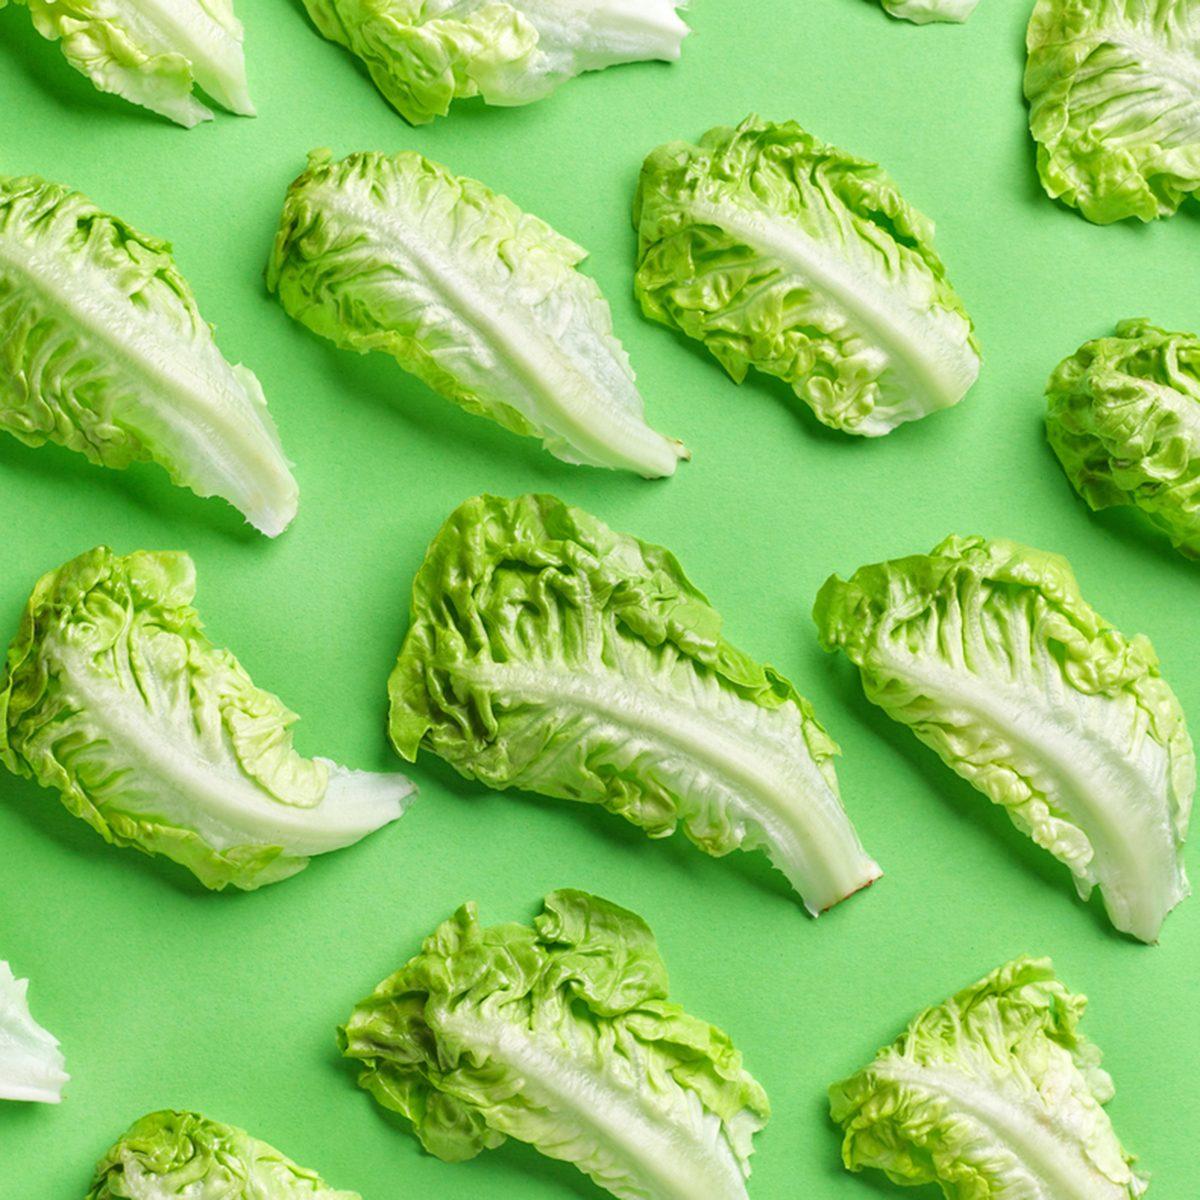 Pattern of lettuce leaves